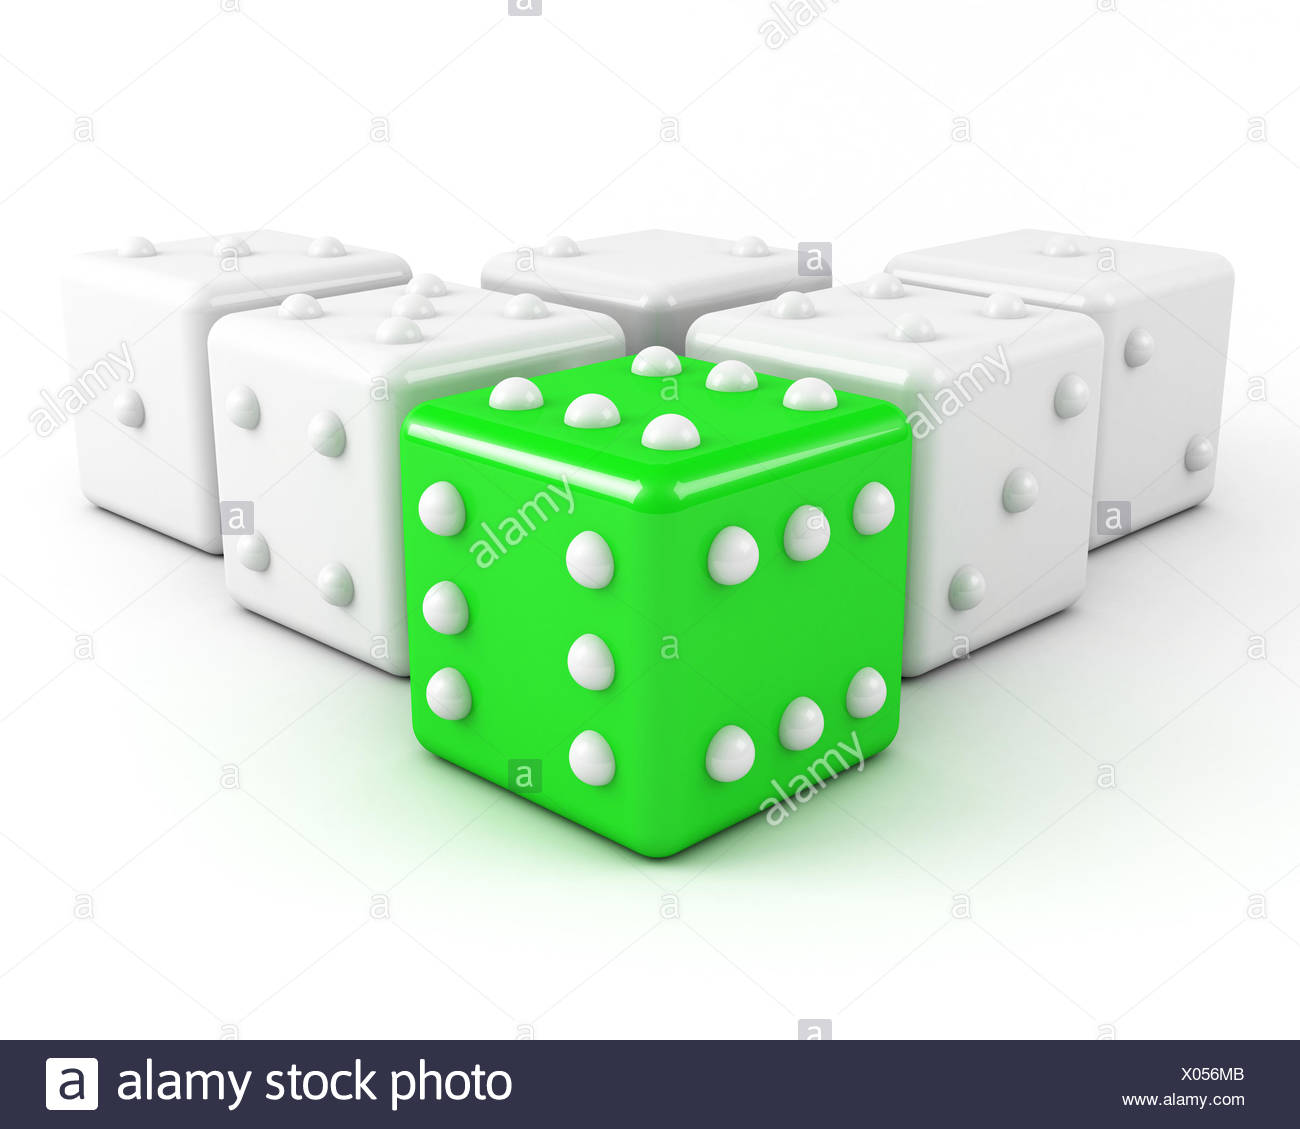 Verde dadi leader vincente il concetto di leadership Immagini Stock